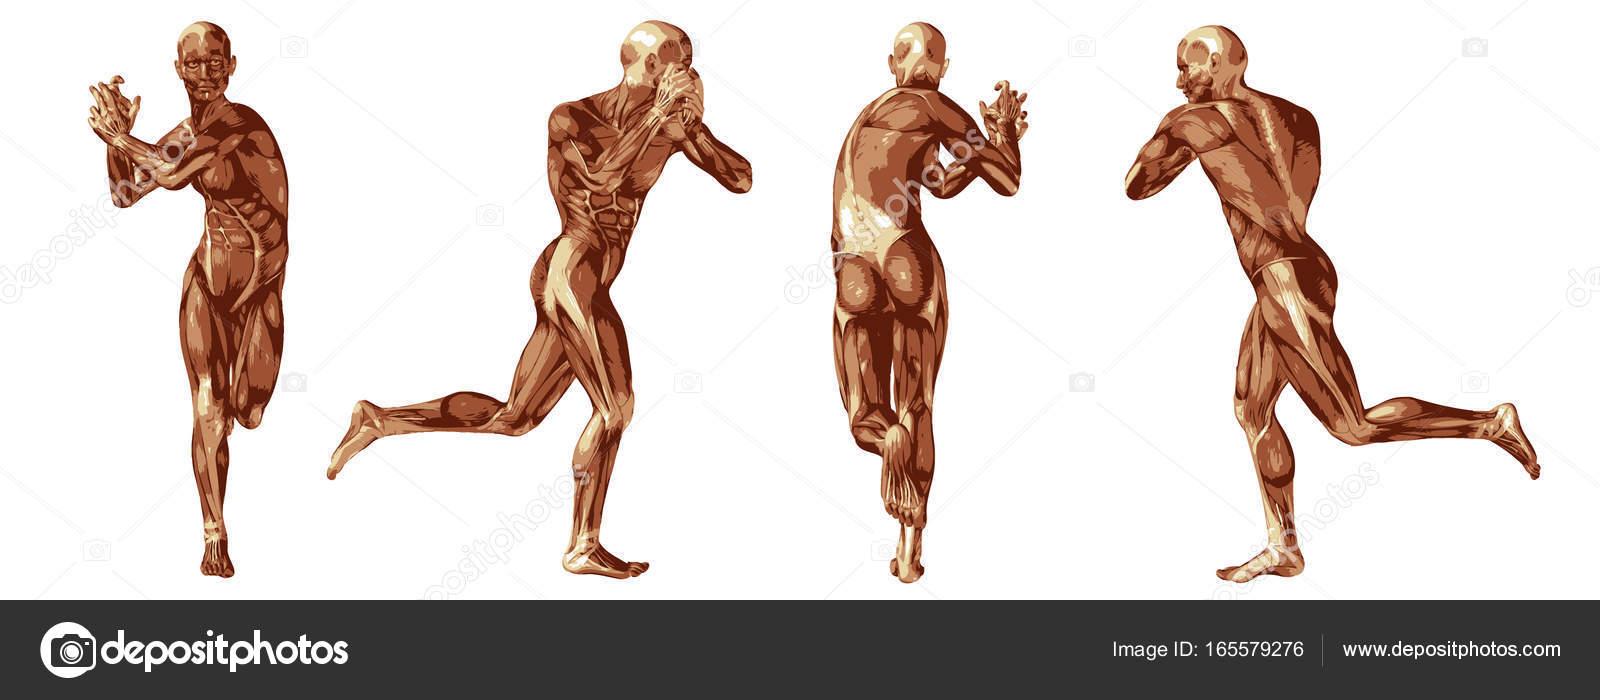 Alta resolución concepto conceptual humano o cuerpo de anatomía 3d ...